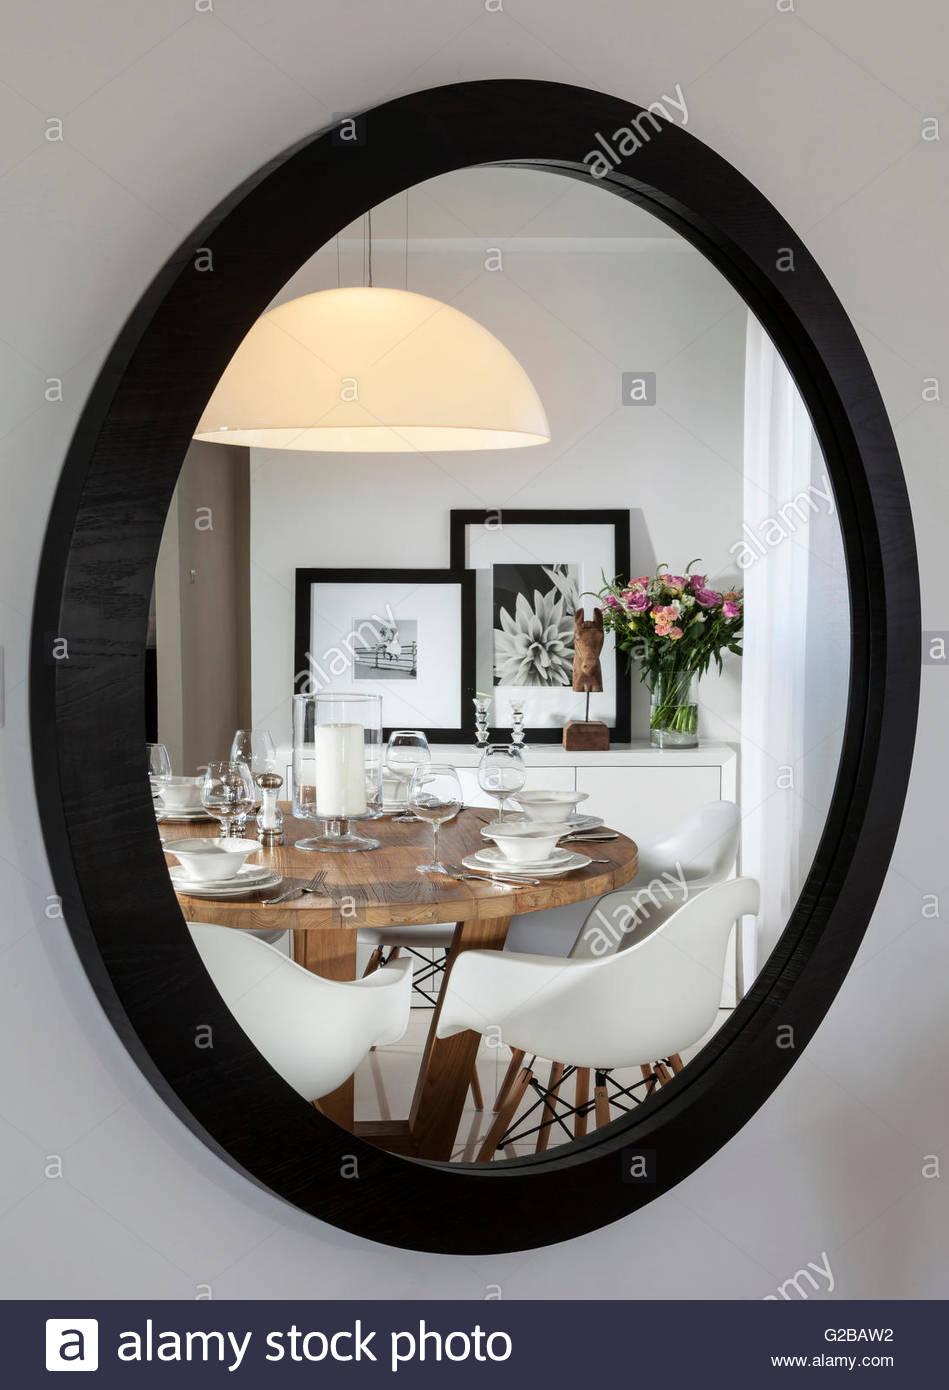 Wohnung für Reuveni home Styling & Design. Moderne Küche Tisch und ...